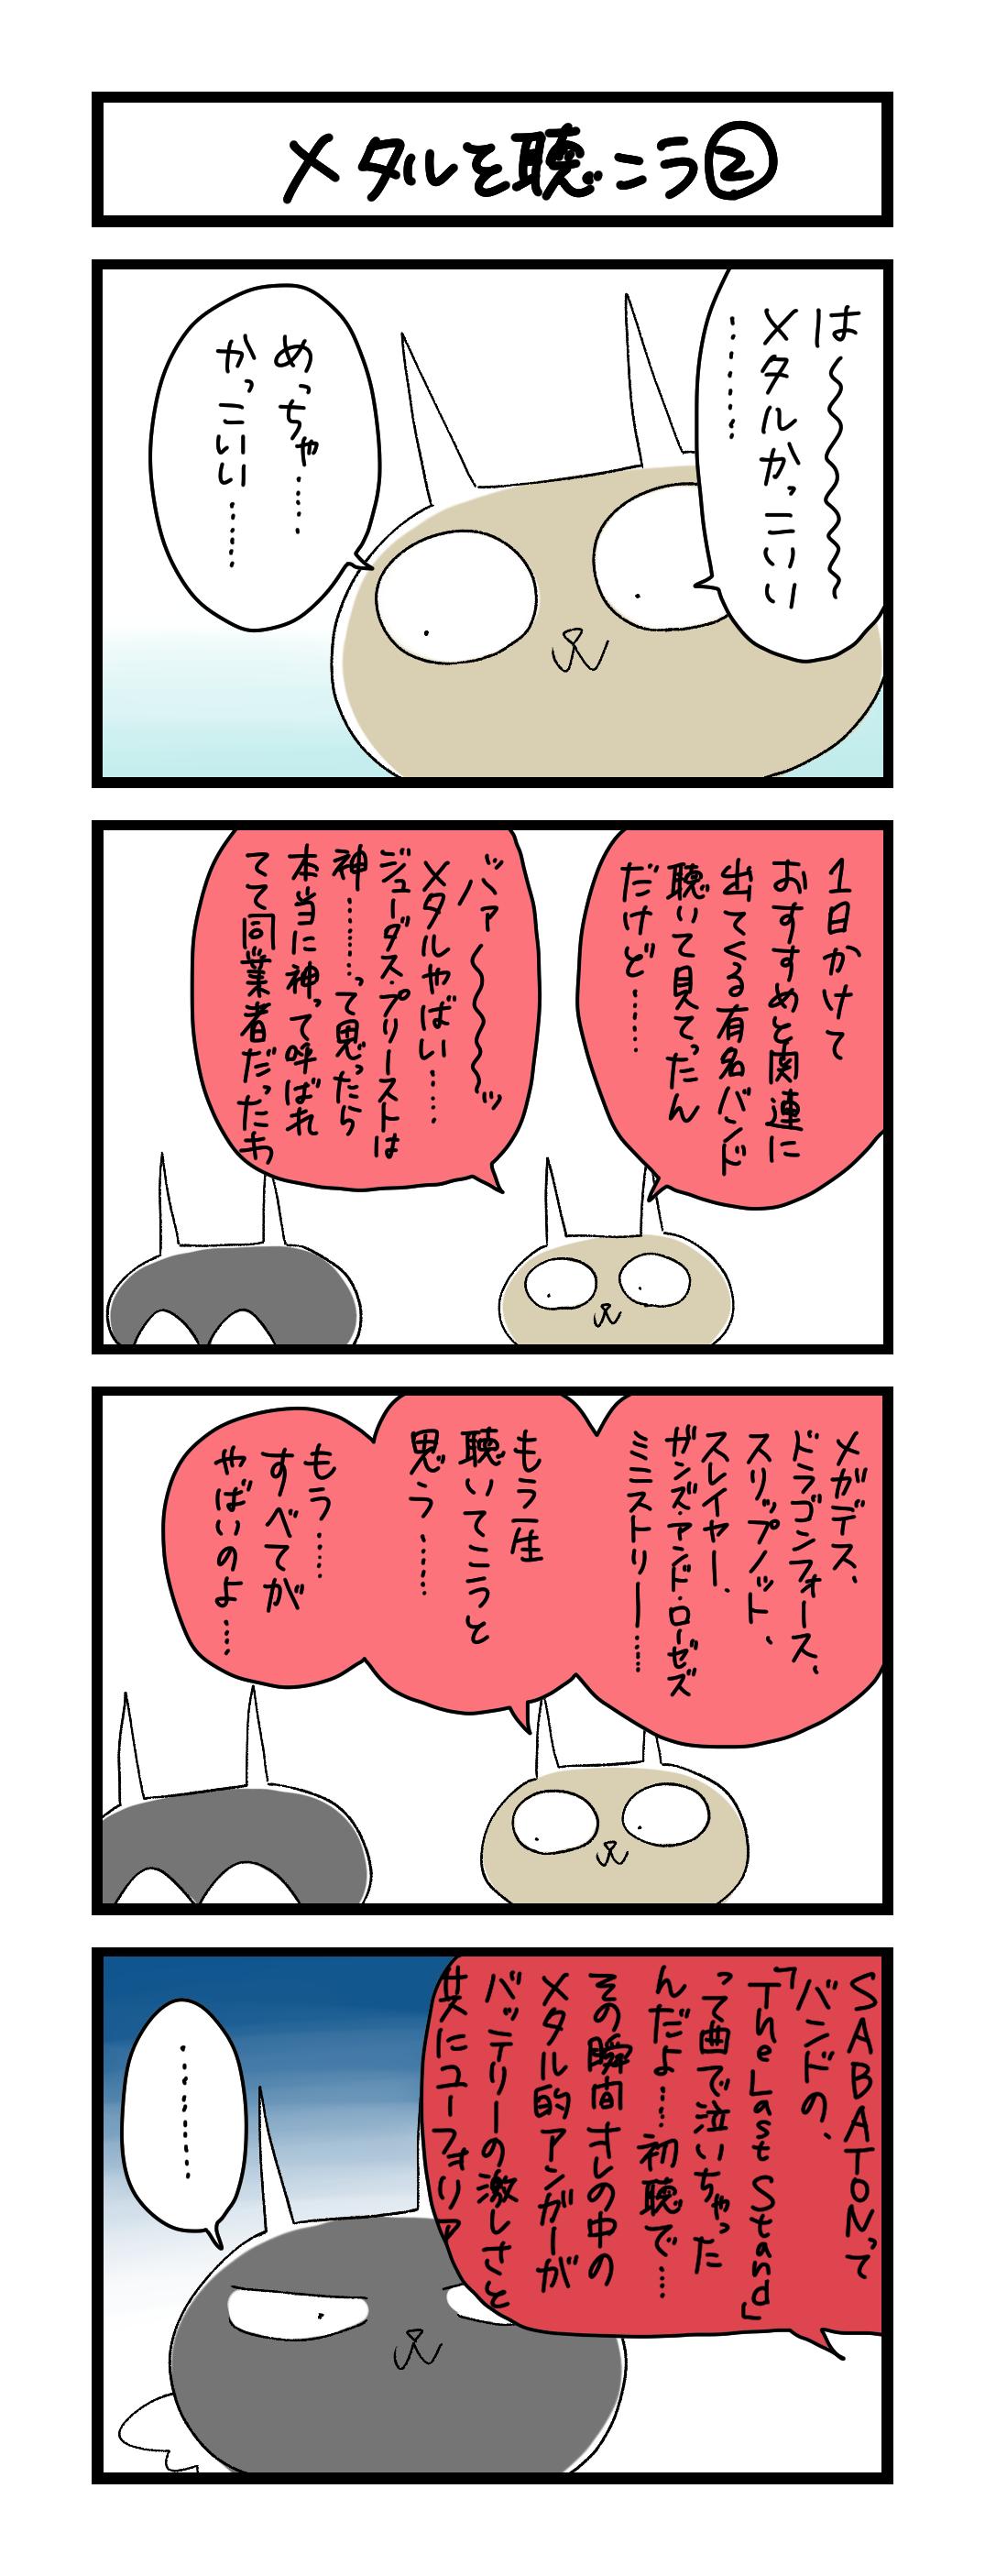 メタルを聴こう (2)